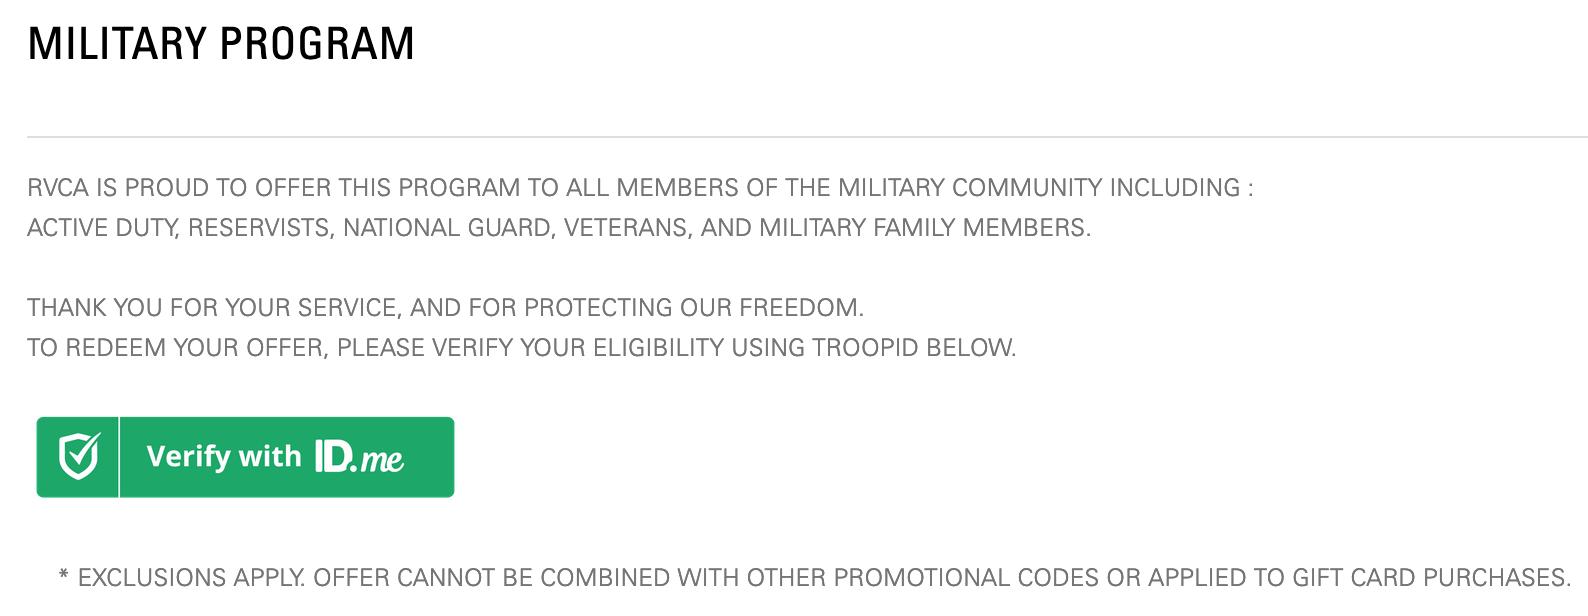 RVCA Military Veteran Discounts